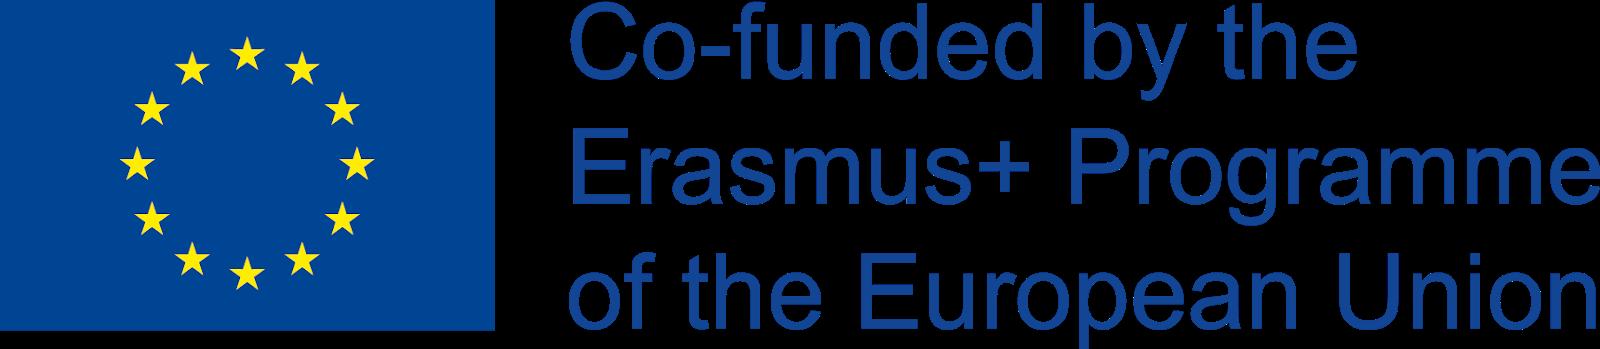 Erasmus+ 19-21: SDGs Action!